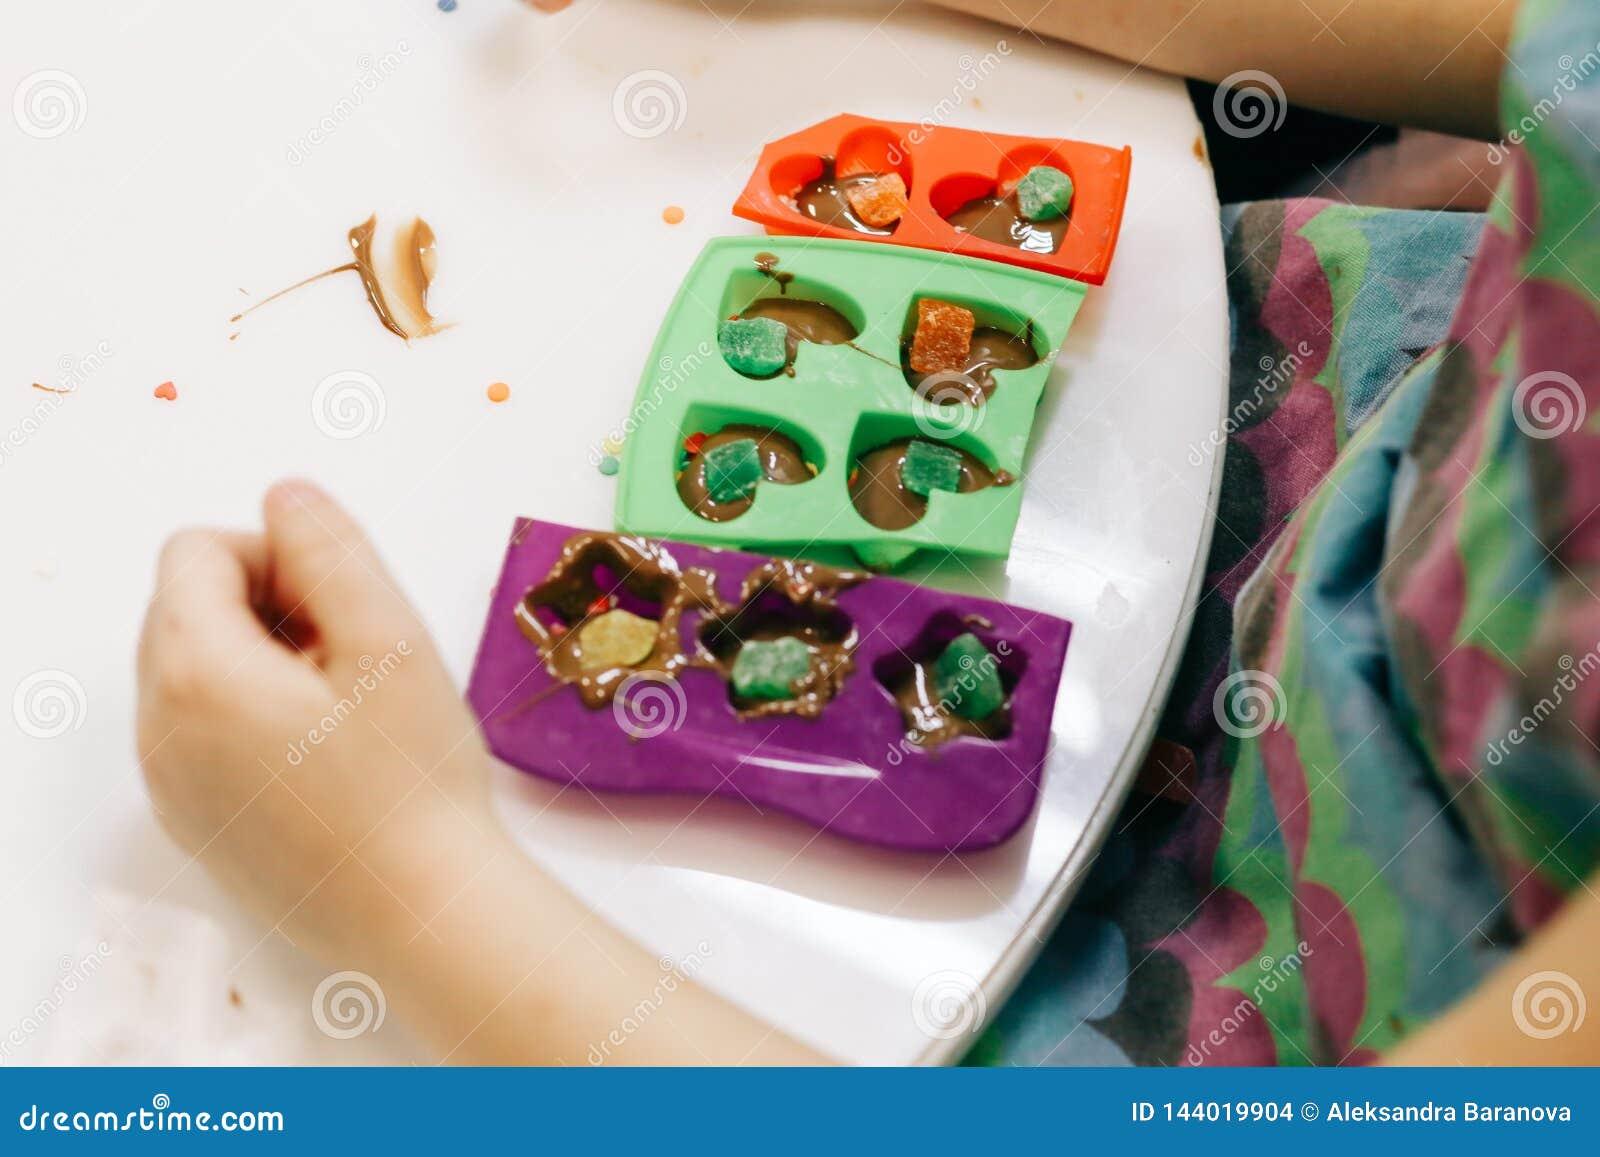 Χέρια ενός παιδιού, μια κύρια κατηγορία στο μαγείρεμα της σοκολάτας, δίπλωμα των φρούτων και της σοκολάτας στις φόρμες